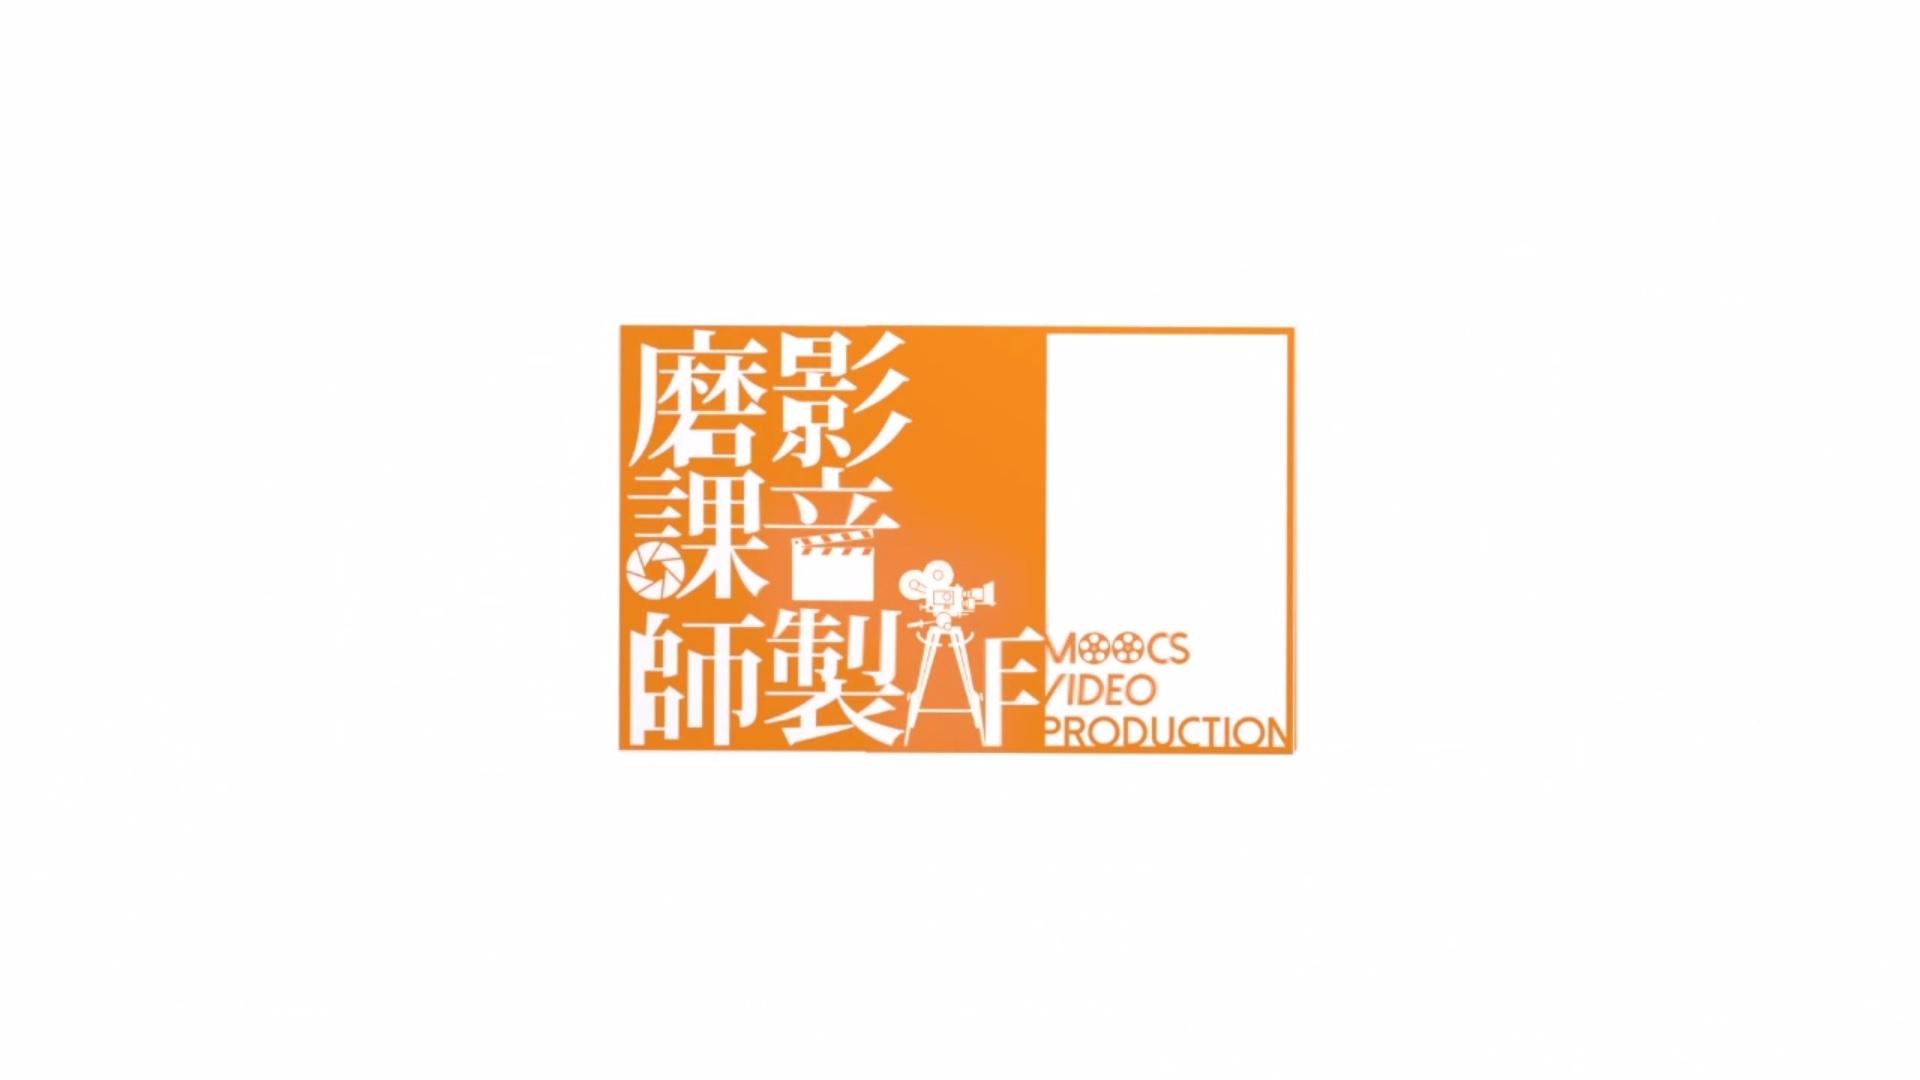 磨課師影音製作(2019夏季班)